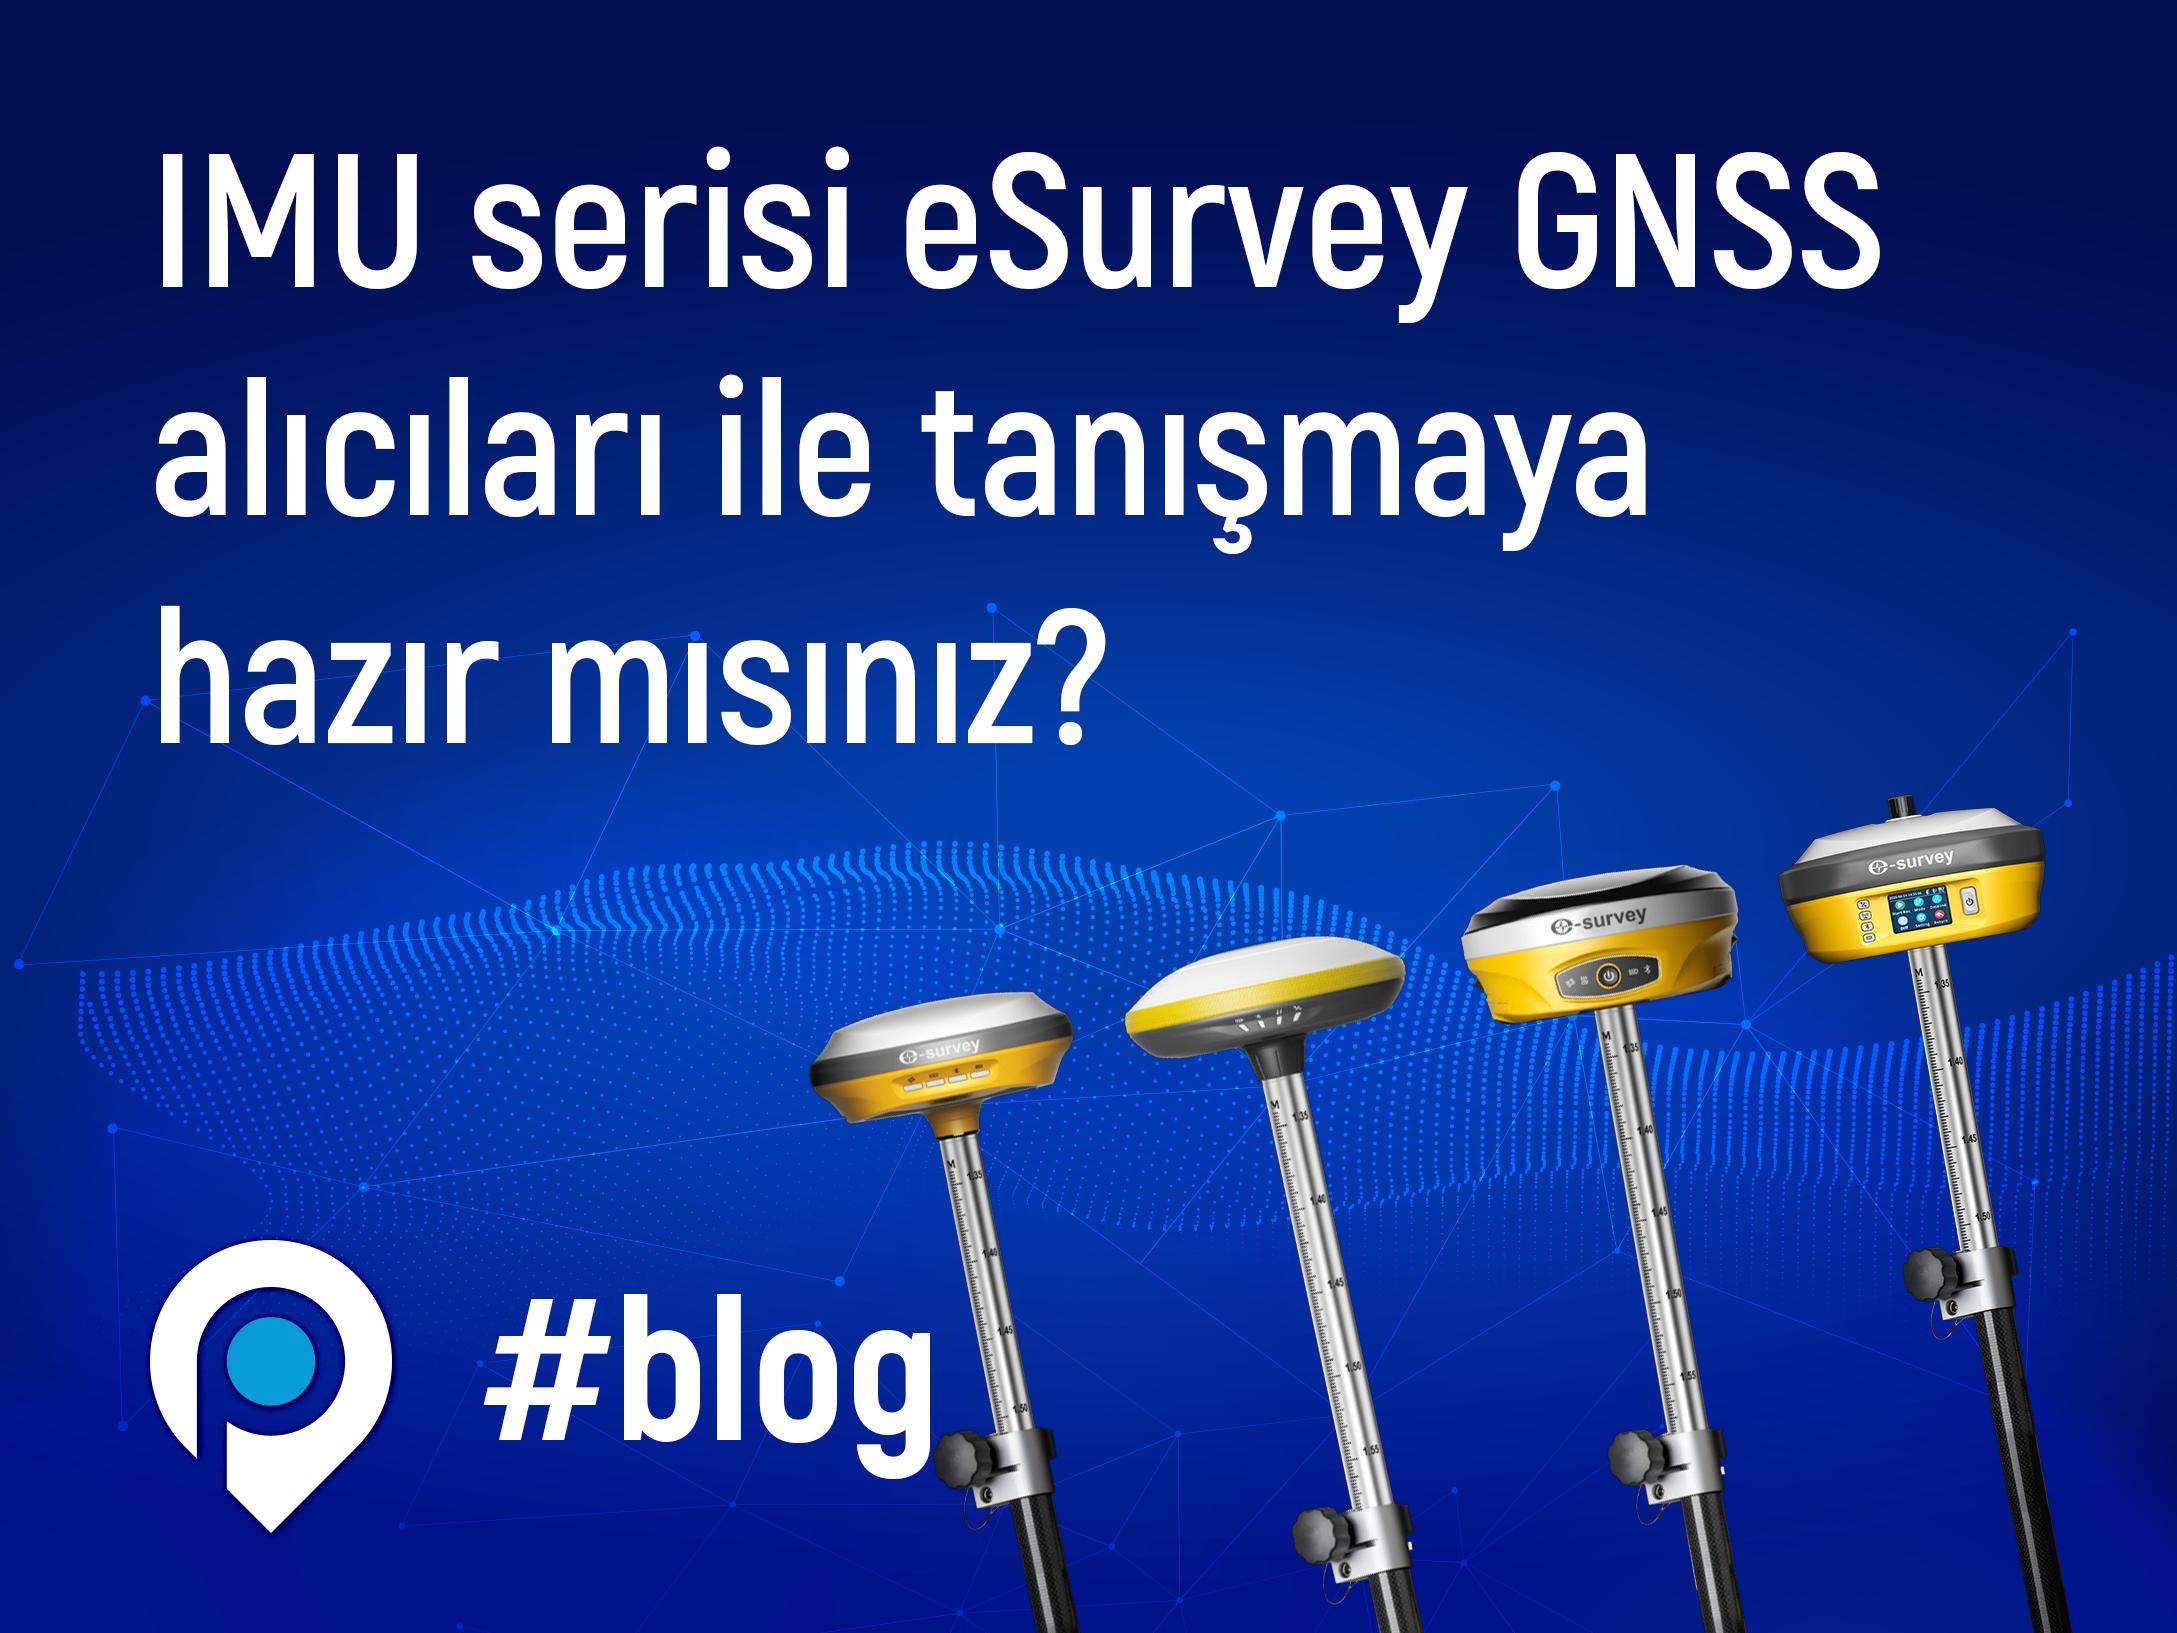 2021 Model, IMU Serisi GNSS Alıcıları ile Tanıştınız mı?